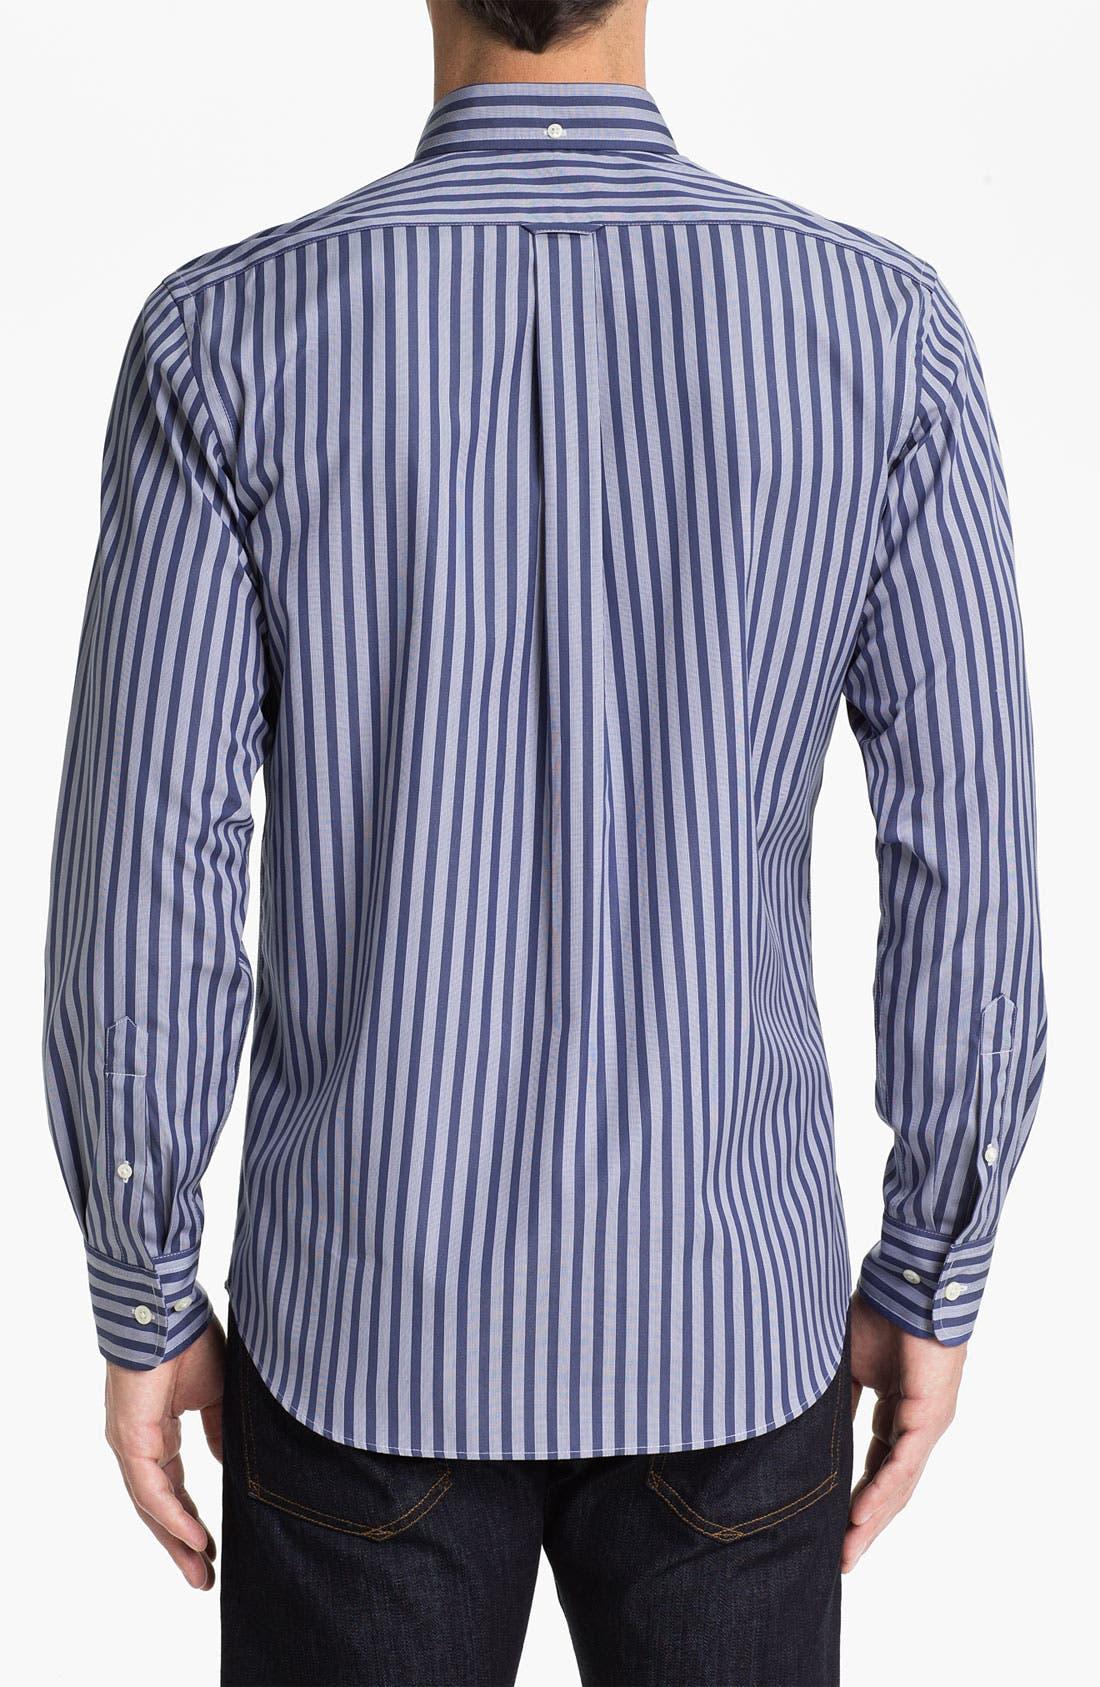 Façonnable Club Fit Sport Shirt,                             Alternate thumbnail 2, color,                             Blue